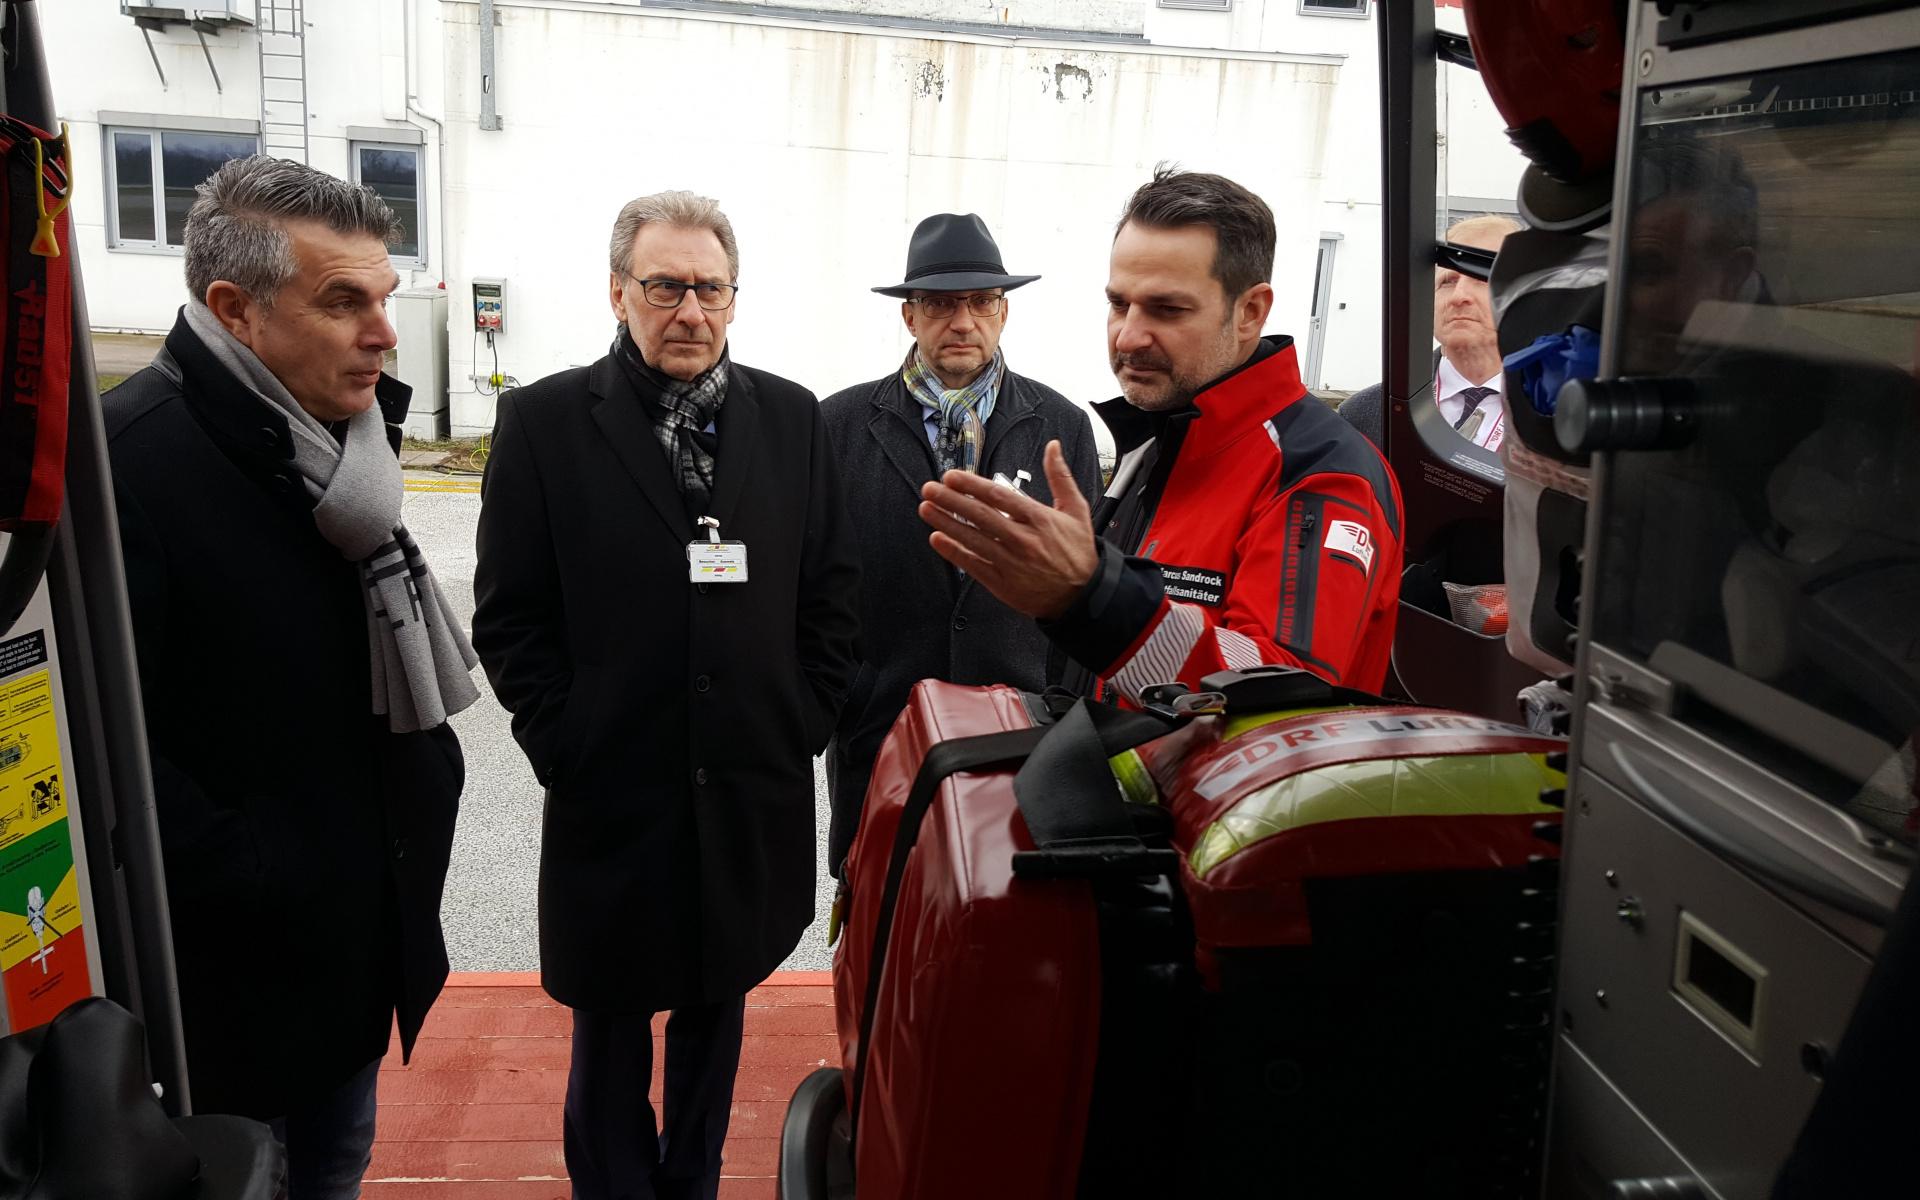 Auch ein Blick auf die hochmoderne Medizinausstattung von Christoph 43 stand während des Besuchs auf dem Programm.